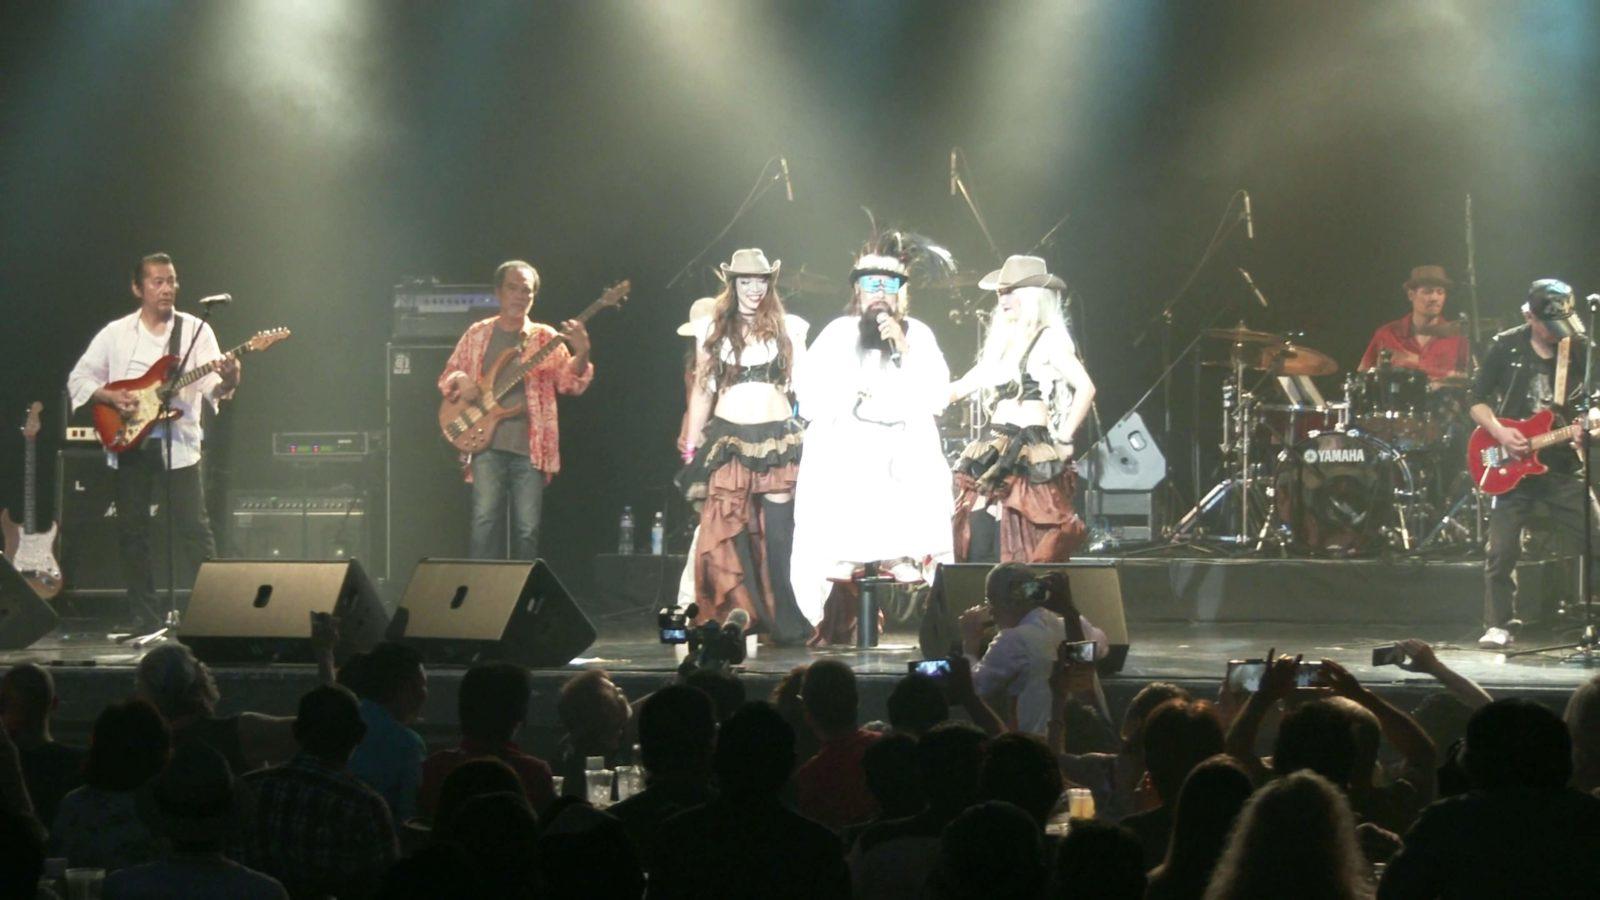 """沖縄のロックレジェンド・コンディショングリーンのボーカリスト率いる""""かっちゃんバンド""""が「Pepeaceful Love Rock Festival 2018」に出演"""